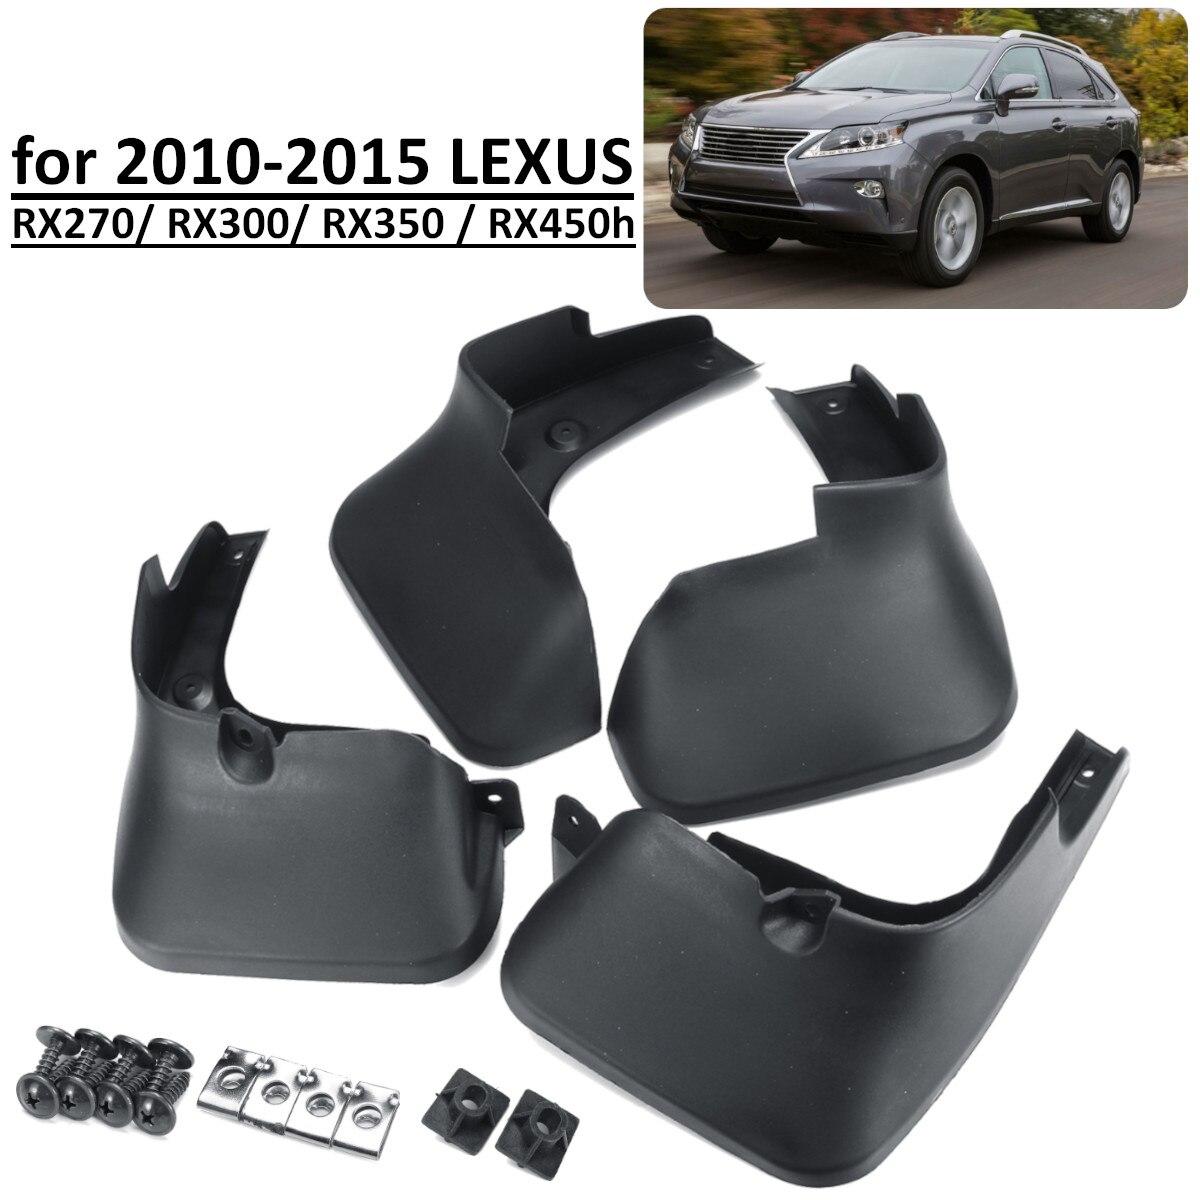 รถโคลนสำหรับ LEXUS RX RX270 RX300 RX350 RX450H 2010-2015 Splash Guards Mudflaps อุปกรณ์บังแดด